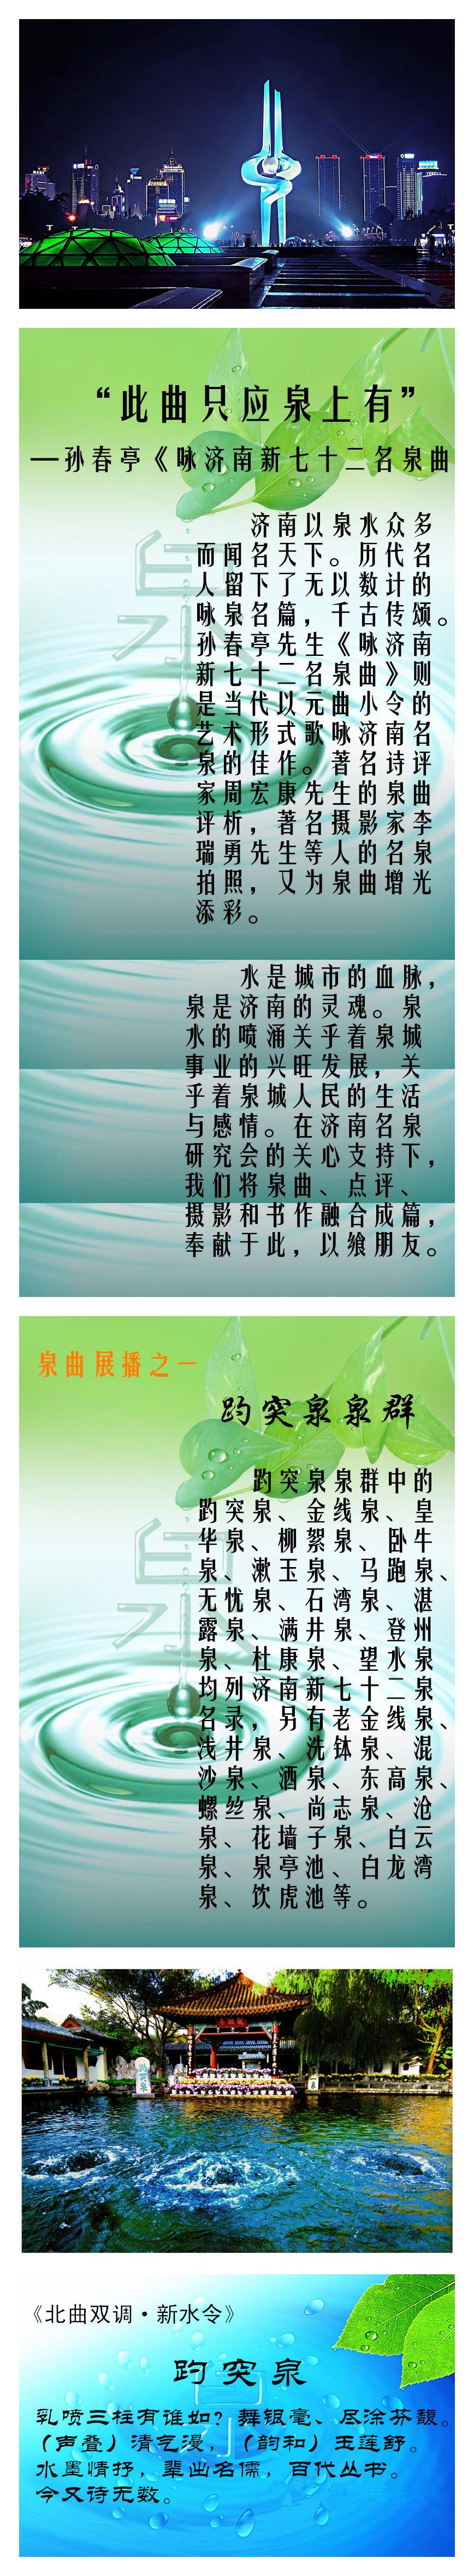 泉群1新趵突泉合成泉群-72-48加粗_副本